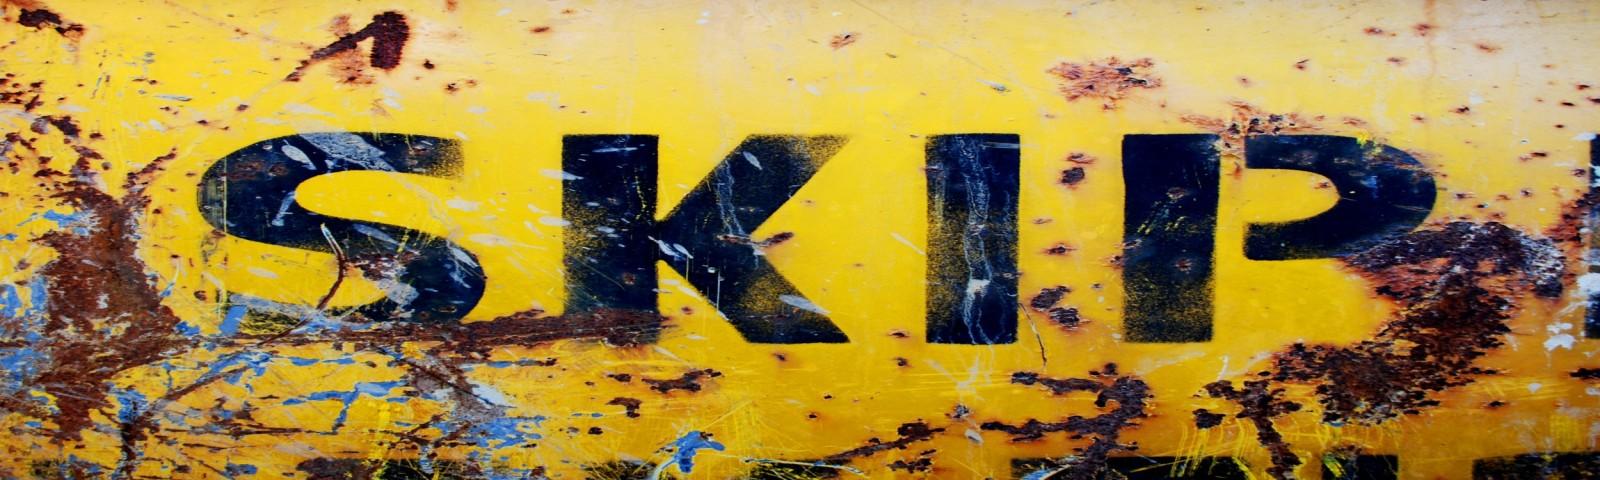 Yellow_skip_hire_final-e1453849120770